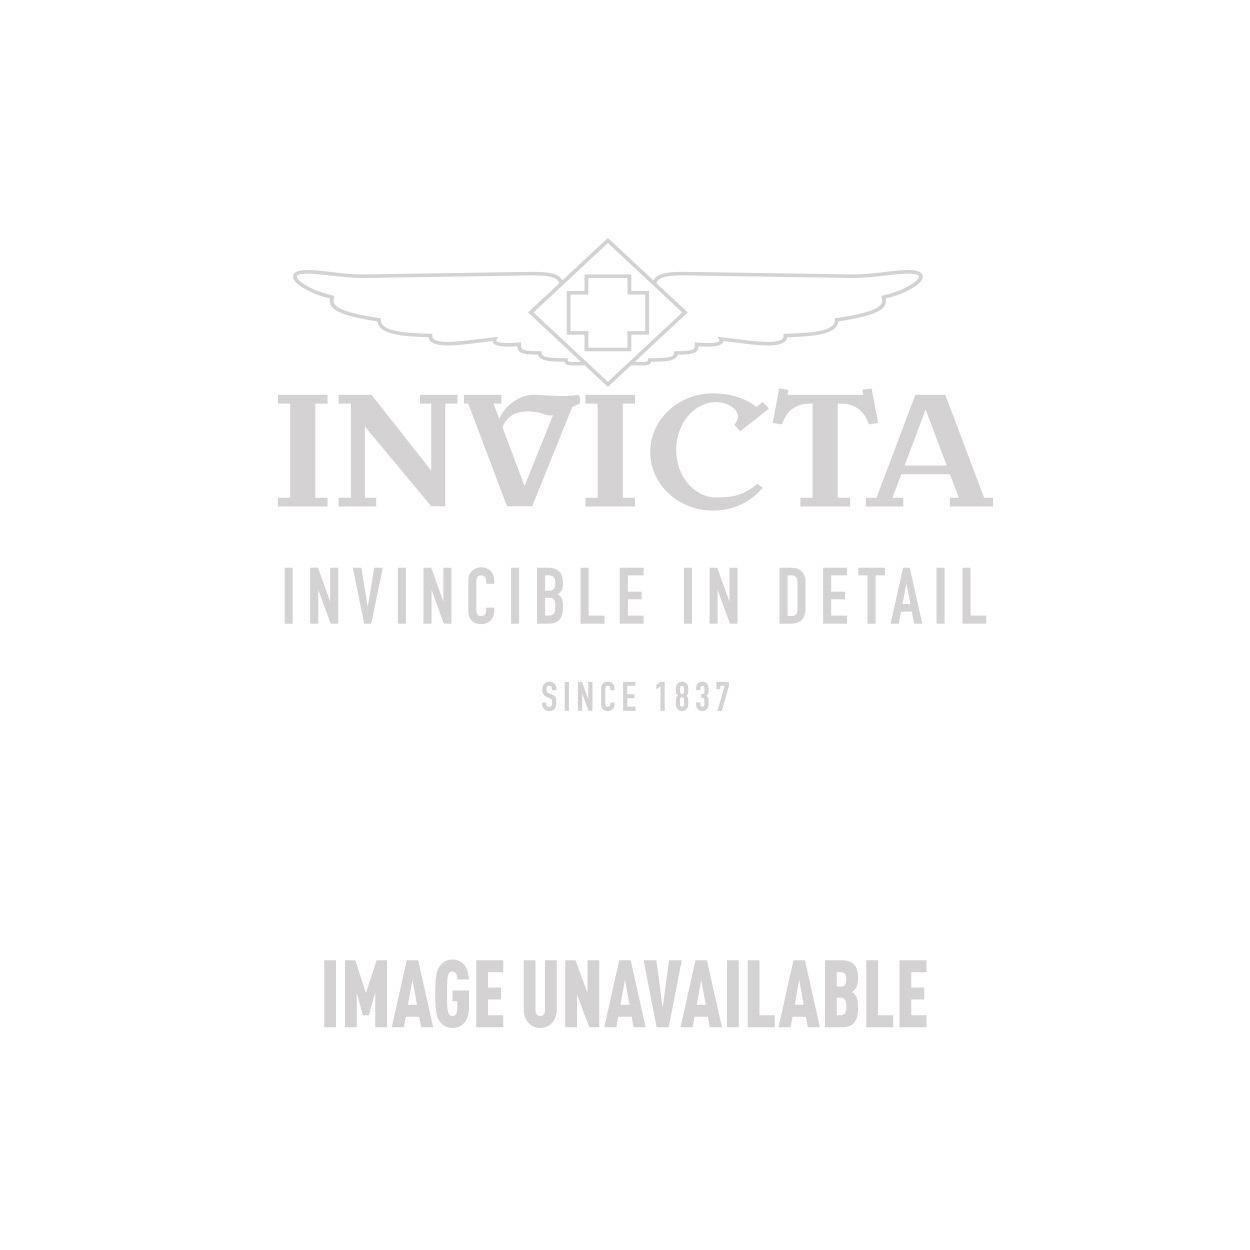 Invicta Model 24634